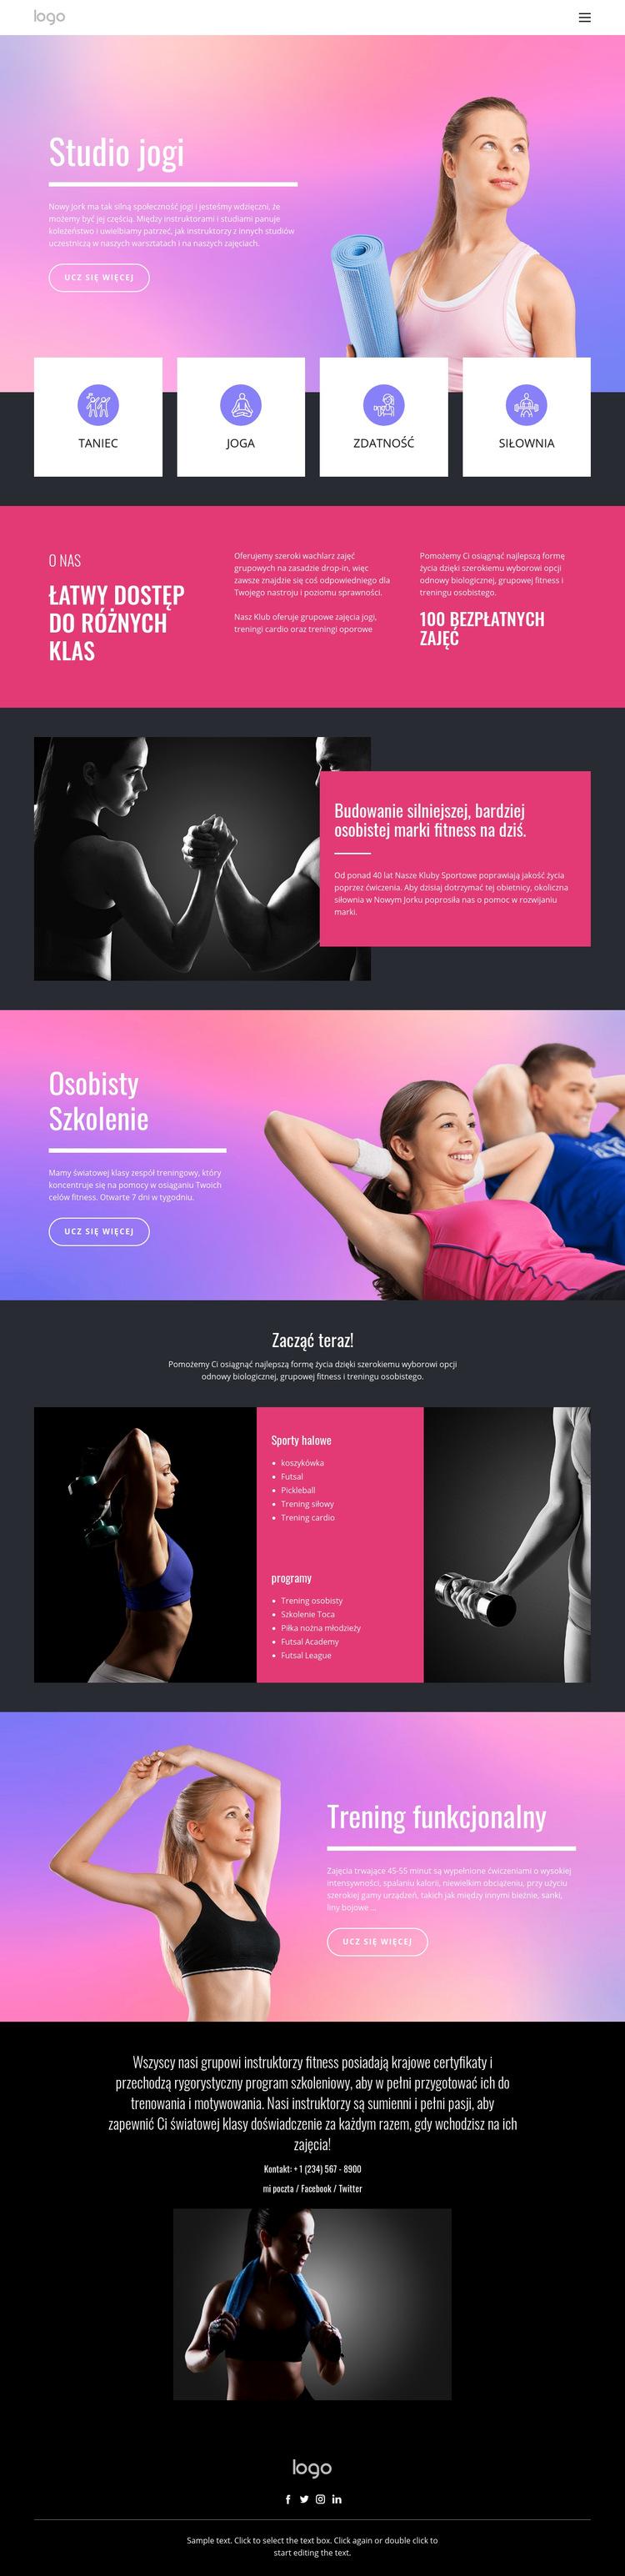 Studio jogi i inne sporty Szablon witryny sieci Web